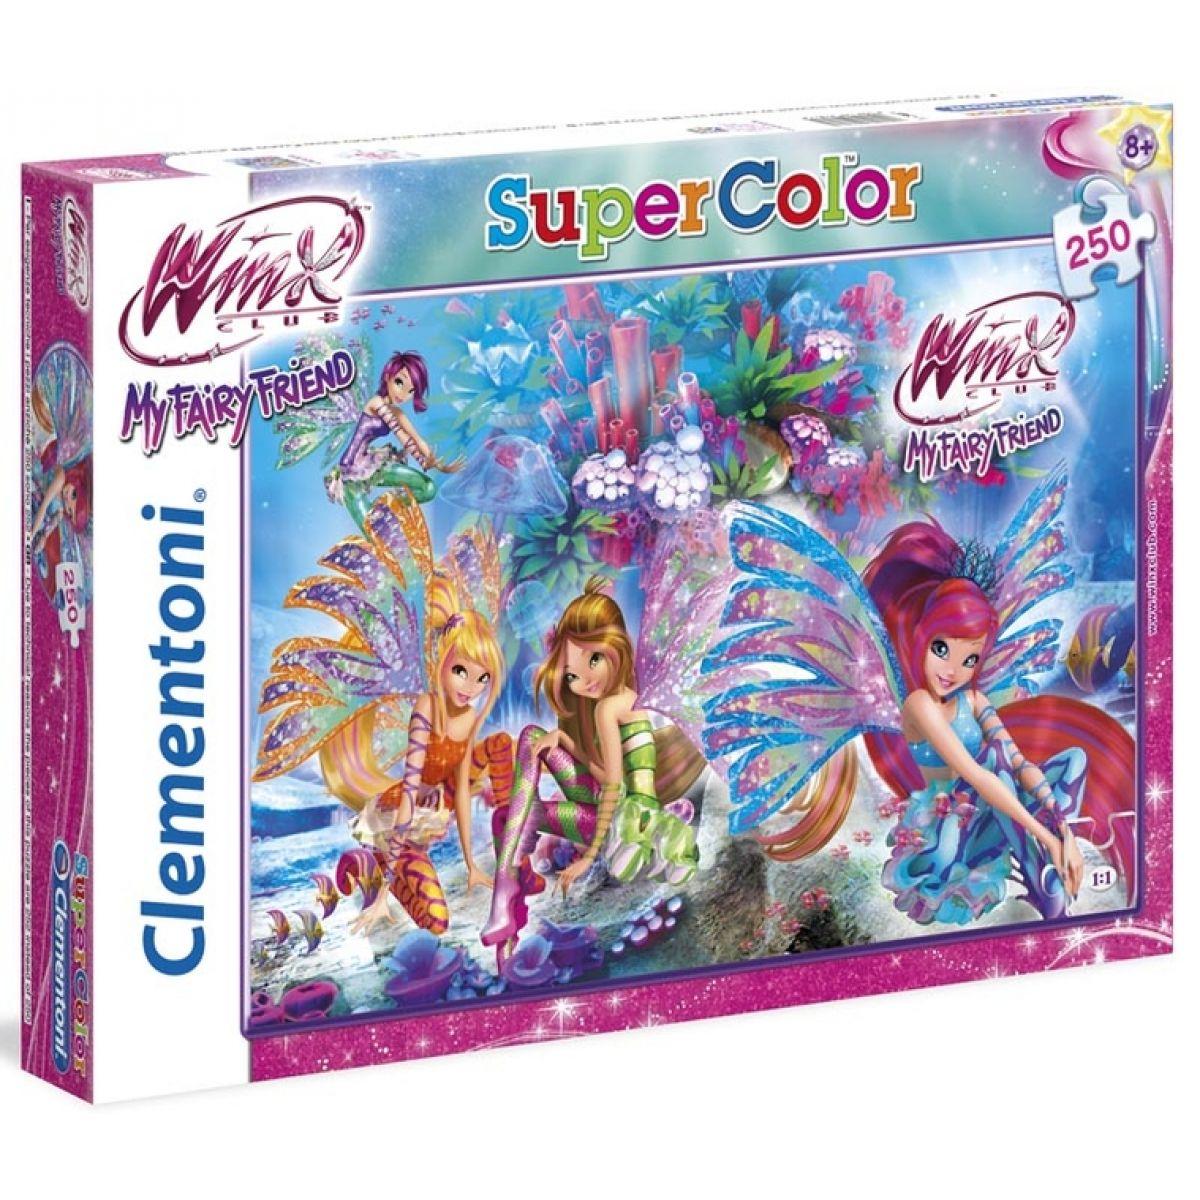 Clementoni Puzzle Supercolor Winx 250d